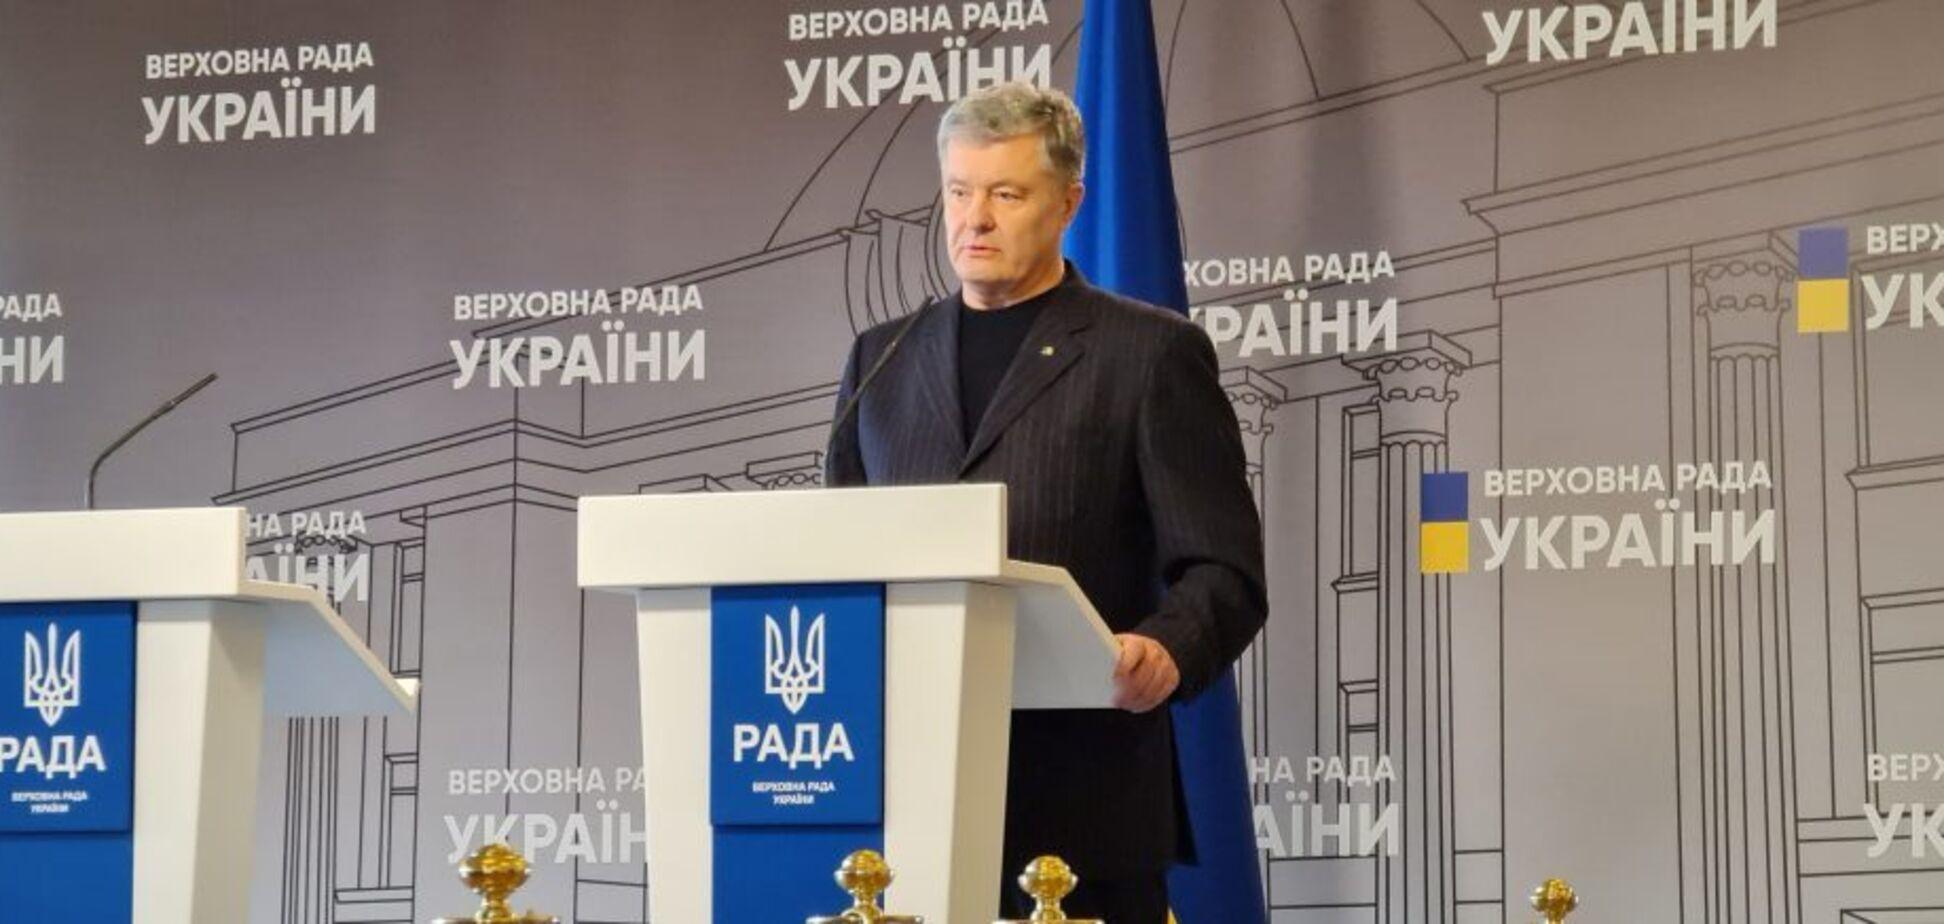 'ЕС' собирает подписные листы для внеочередного заседания Рады по созданию ВСК по делу 'вагнеровцев', – Порошенко